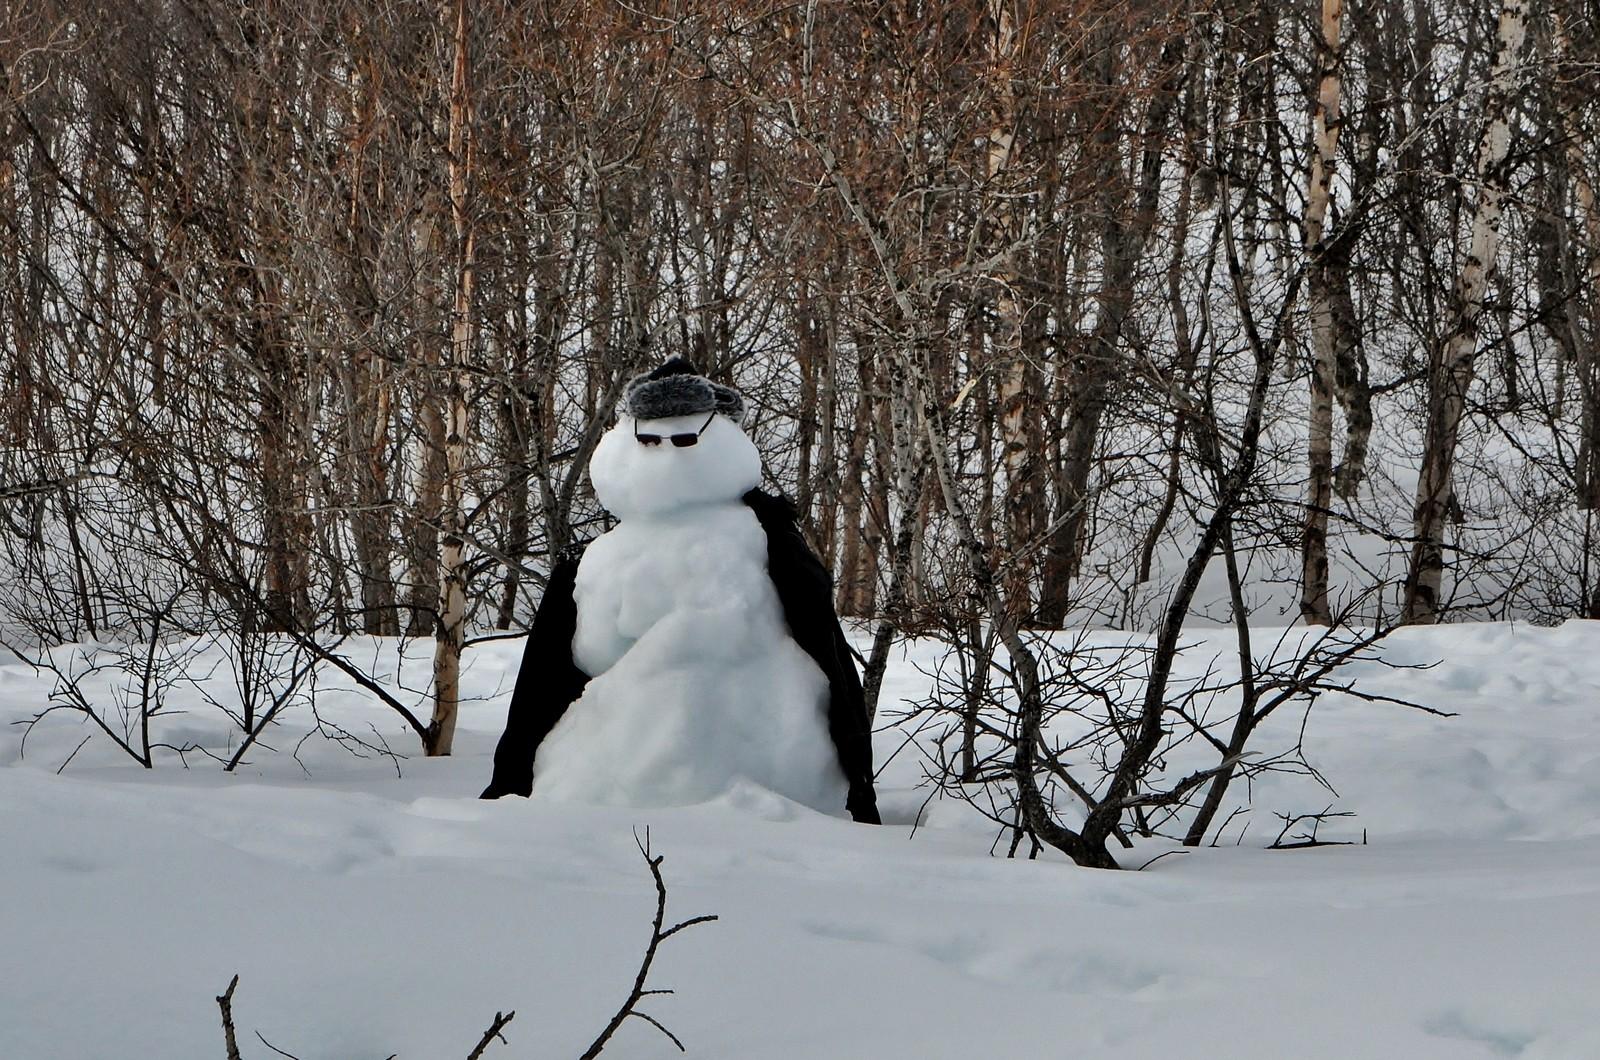 Denne figuren ble påtruffet oppe i lia, godt kledd mot en farlig fiende - vårvarmen